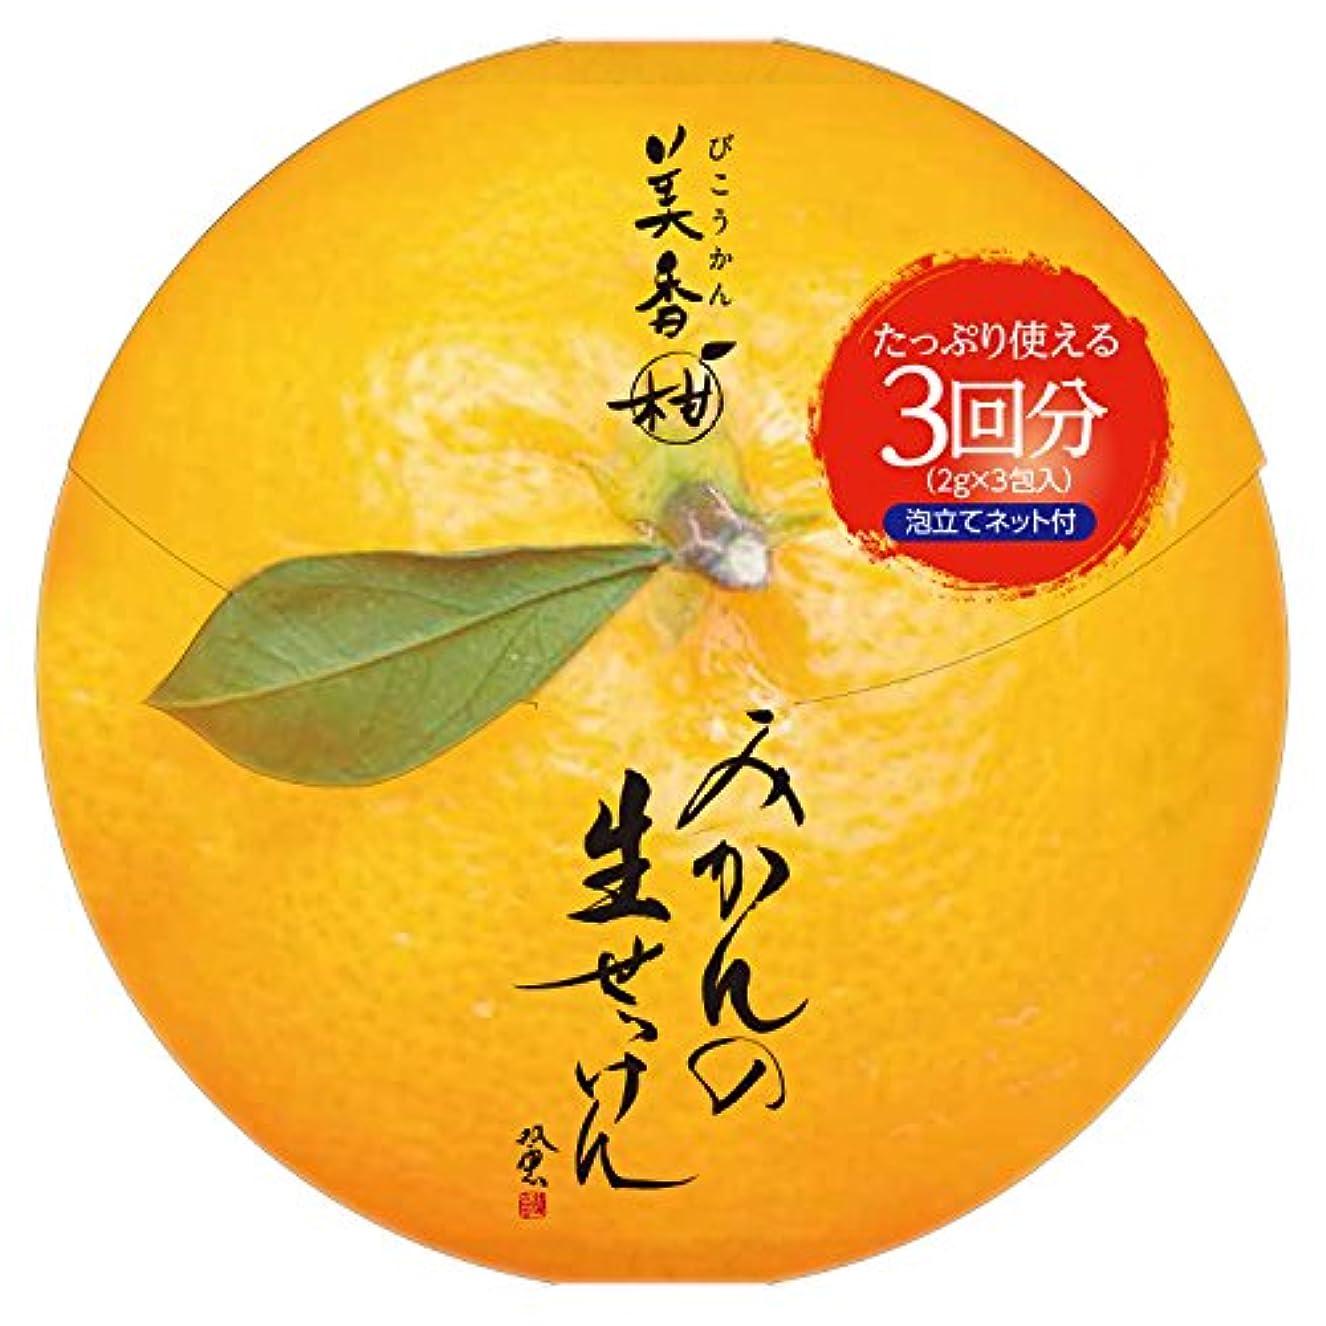 材料冷笑するにはまって美香柑 みかんの生せっけん 洗顔石鹸 無添加? トライアルセット 泡立てネット付 2g×3回分